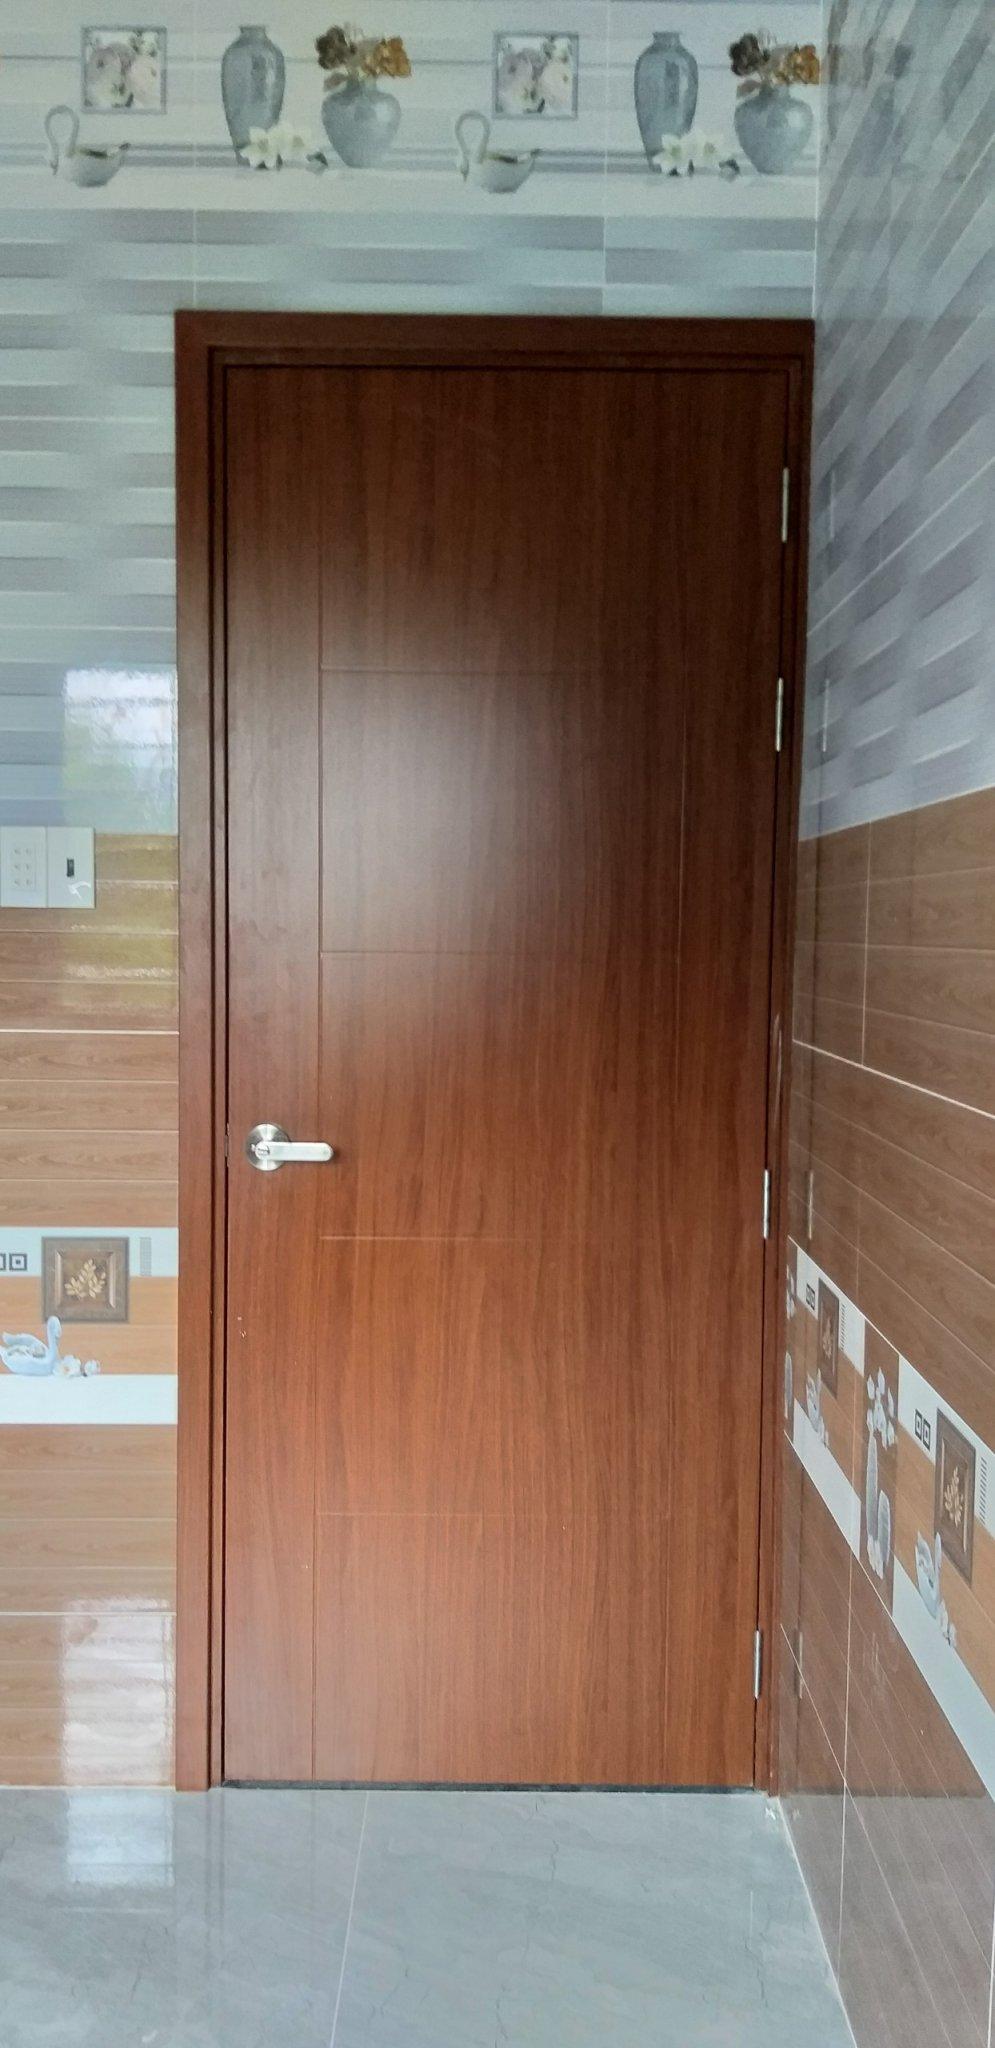 Cửa nhựa gỗ composite đẹp tại Bình Thuận